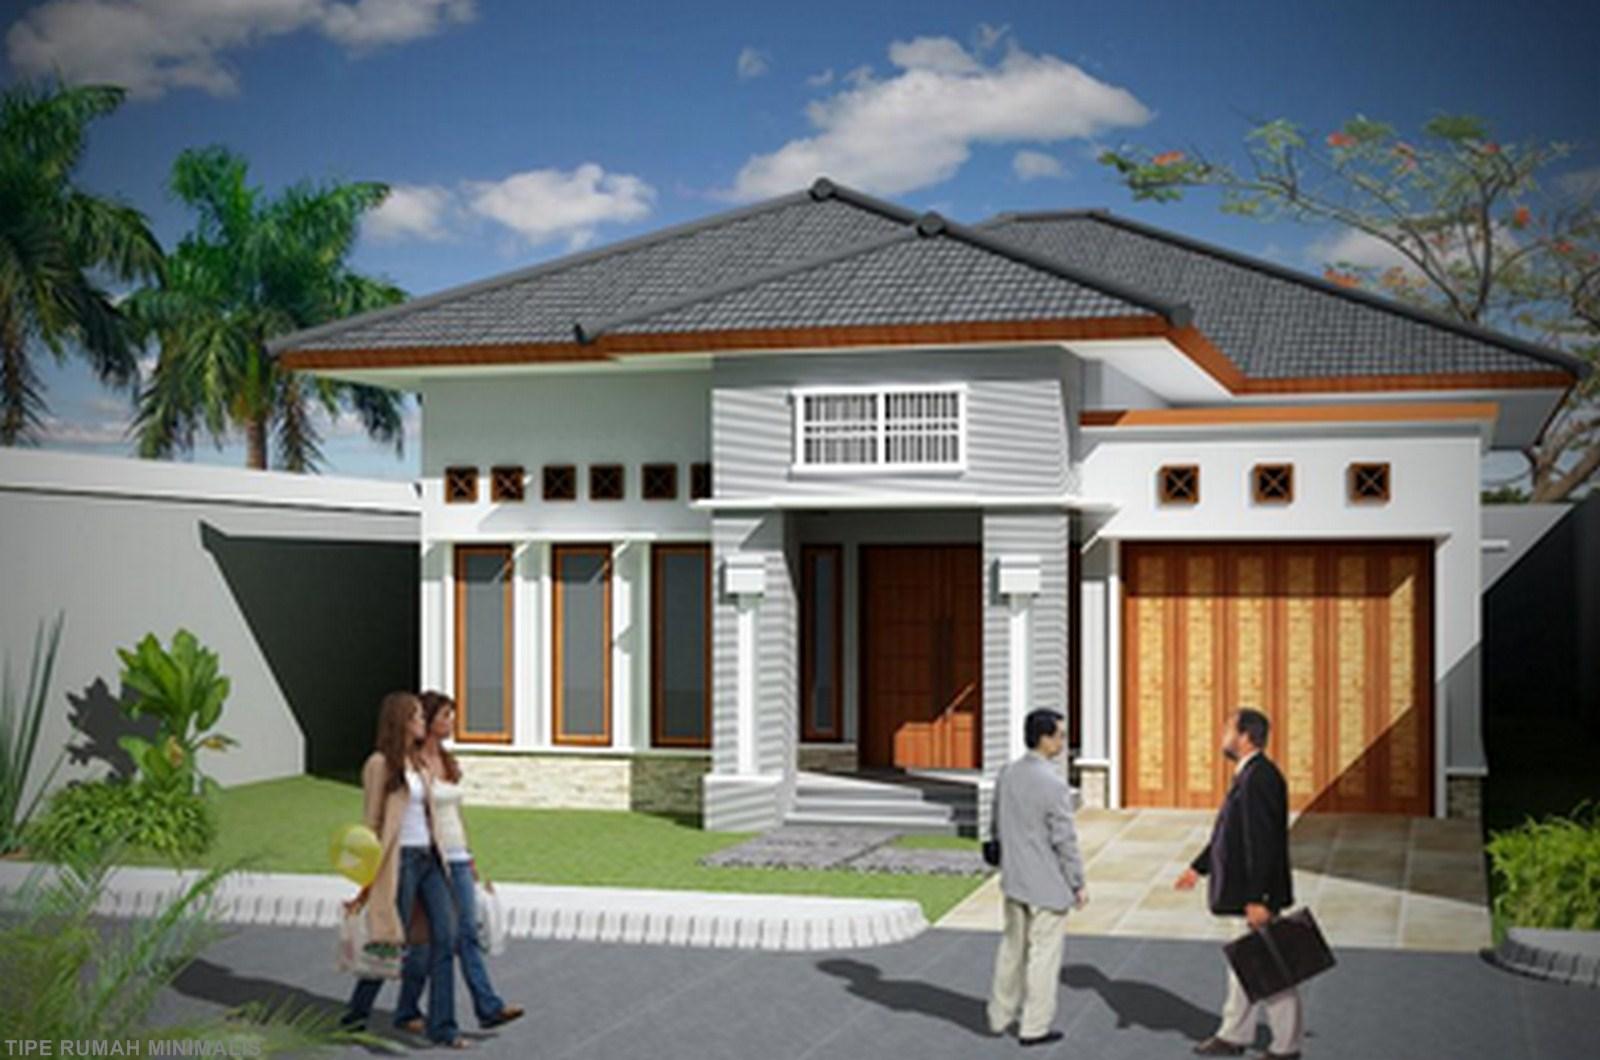 Rumah Minimalis 1 Lantai Dengan Garasi Desain Rumah